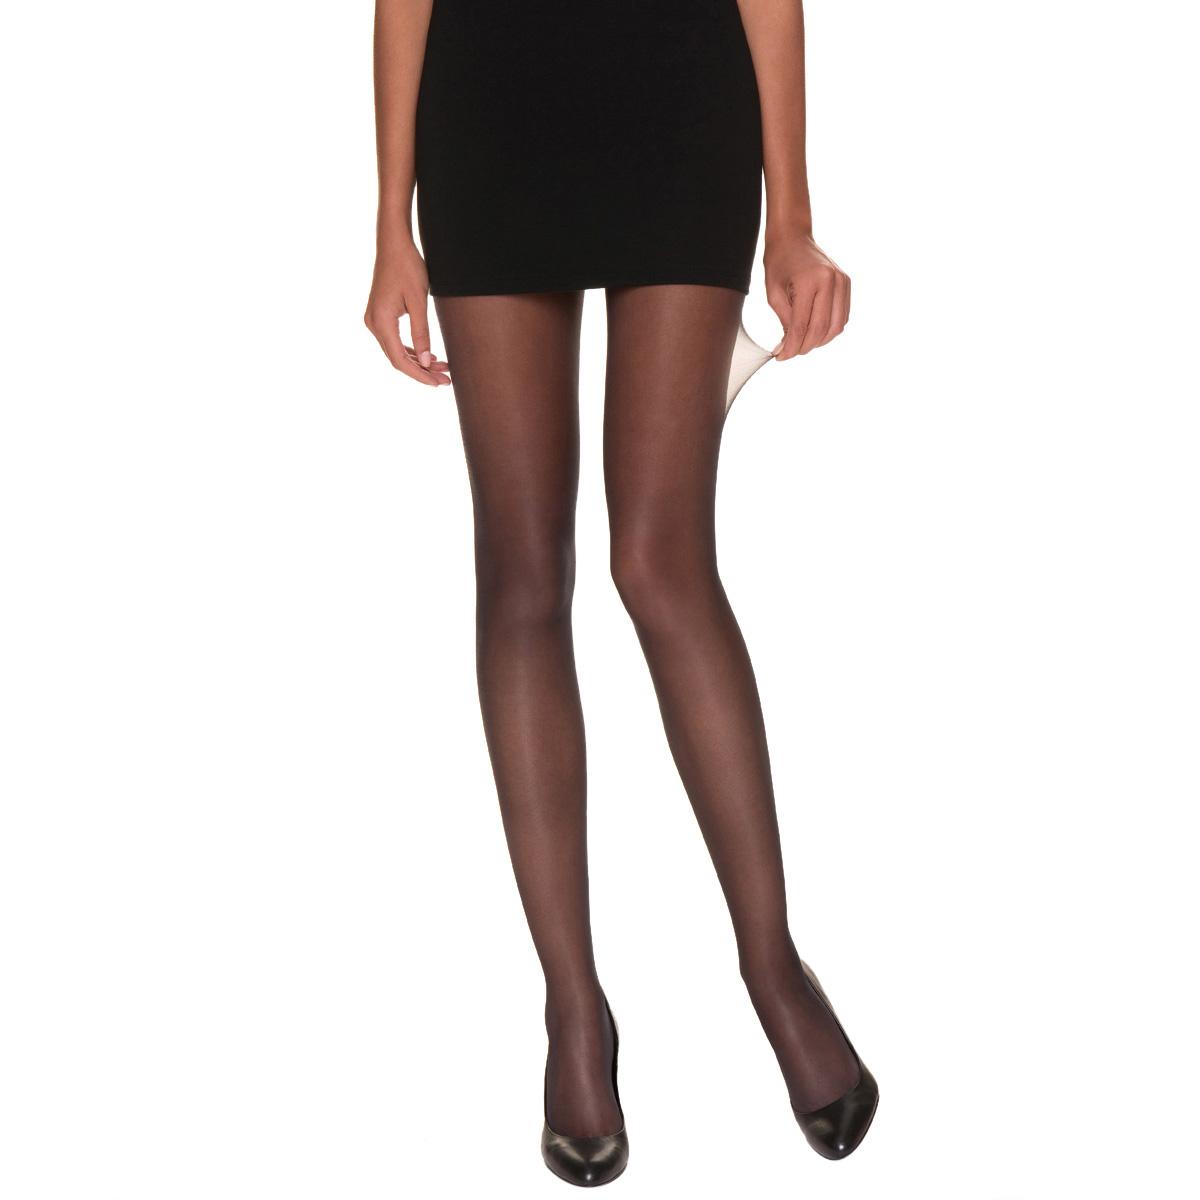 Collant Beauty Resist silhouette fine noir 15D